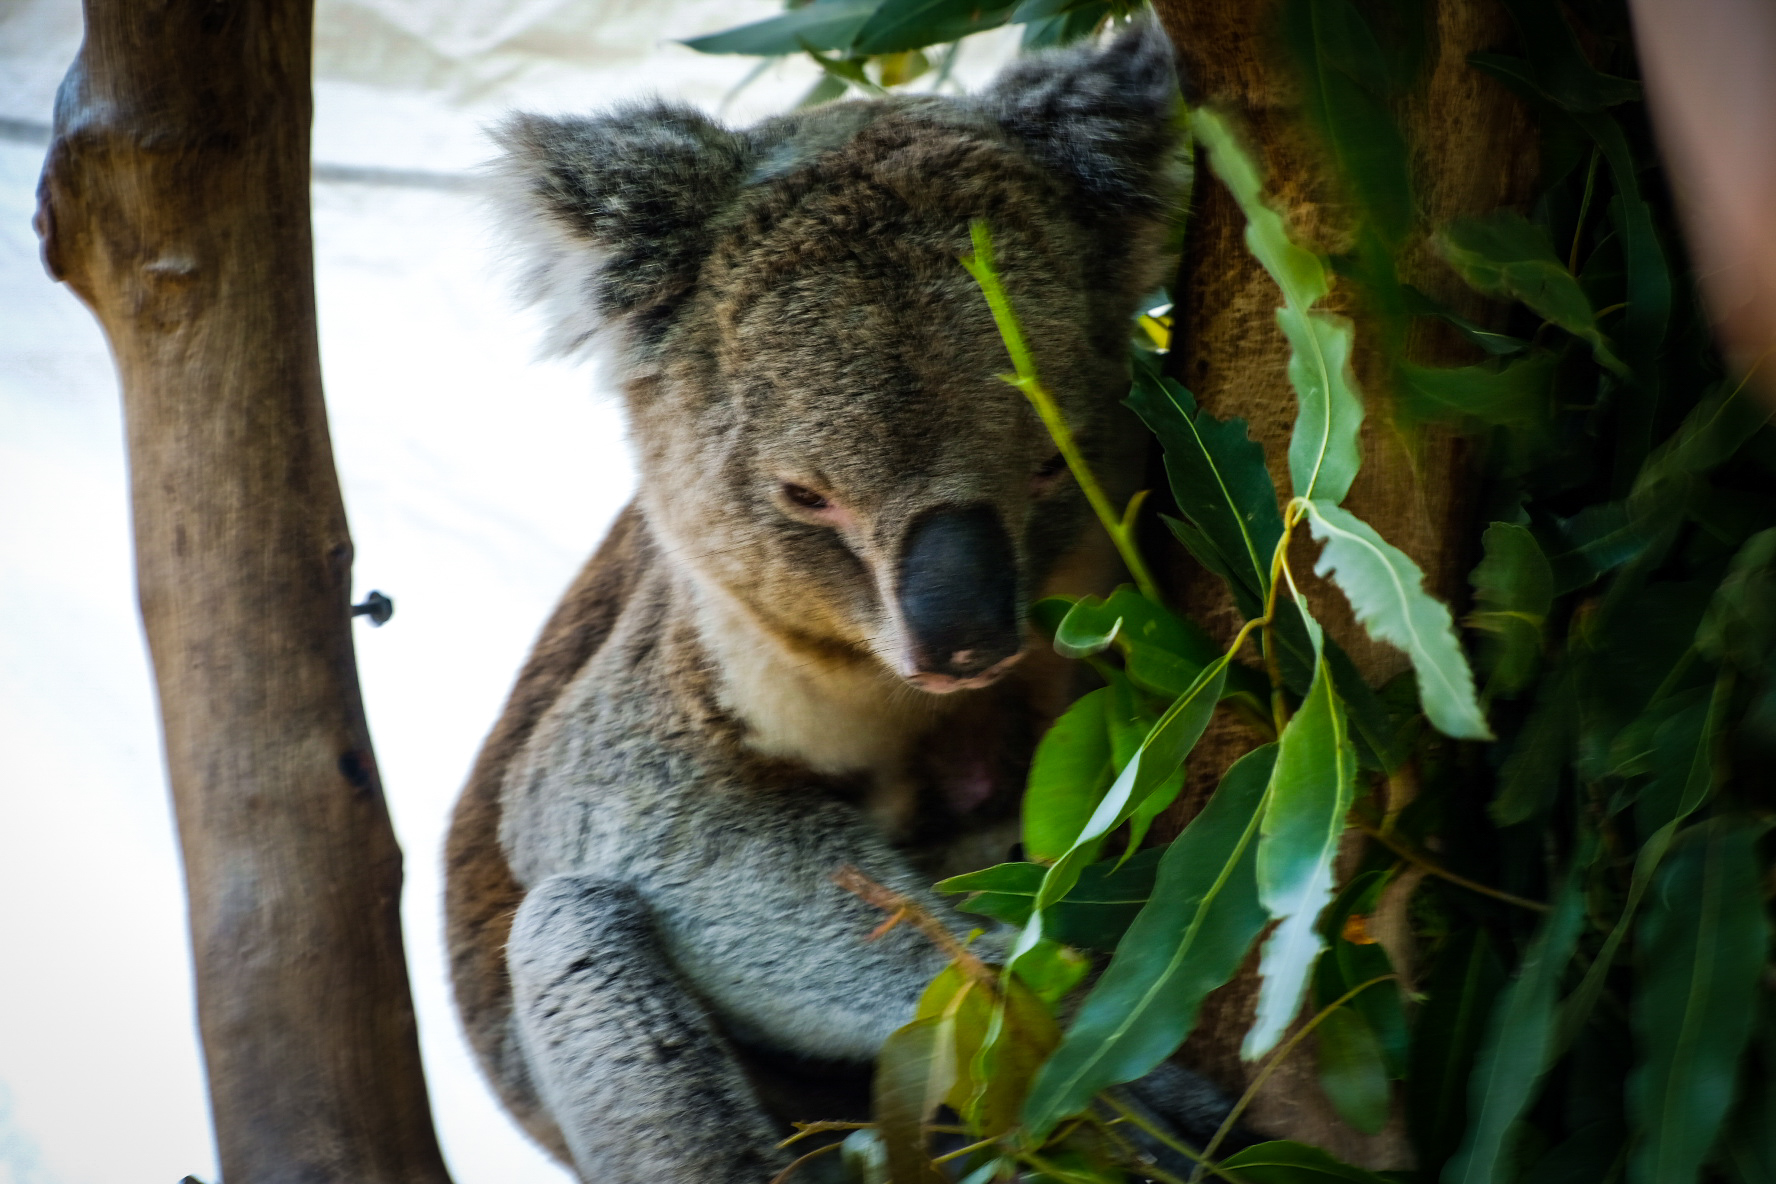 Gum Nut the koala